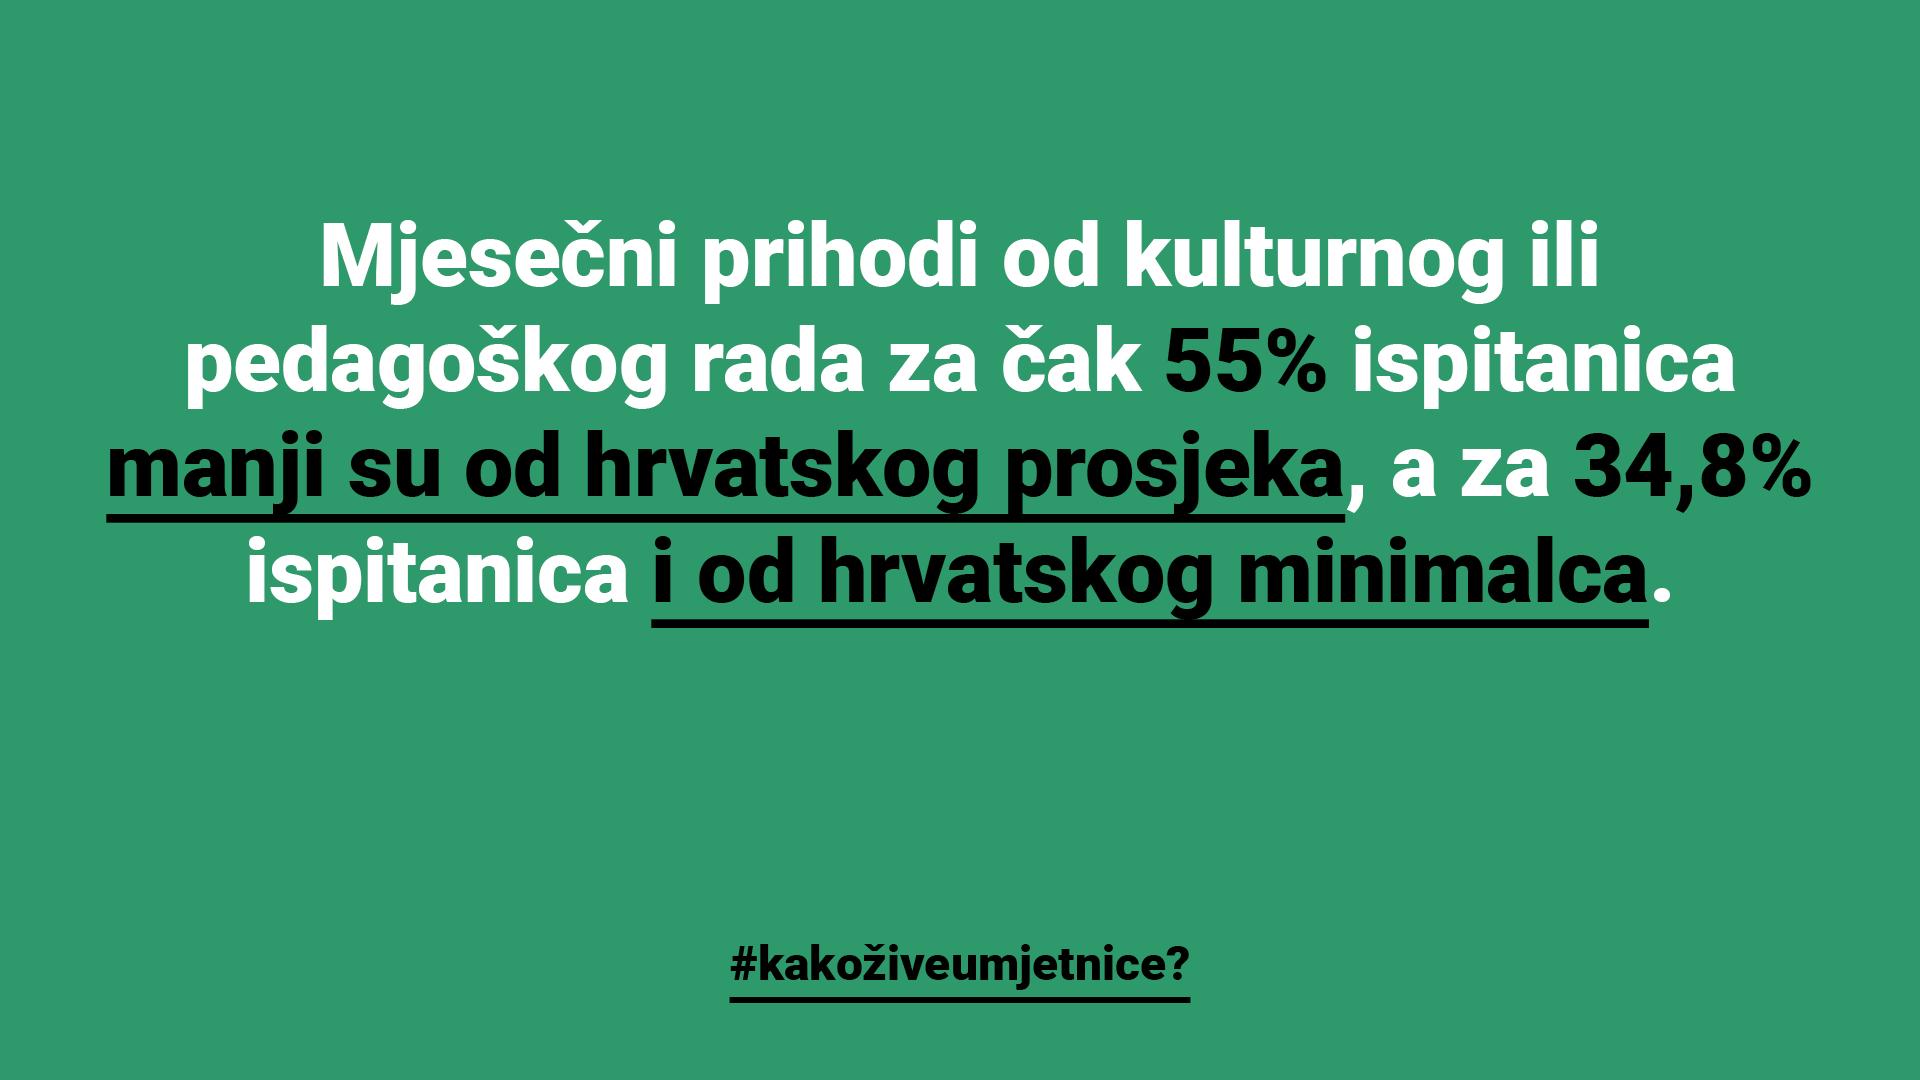 kzu_1.png